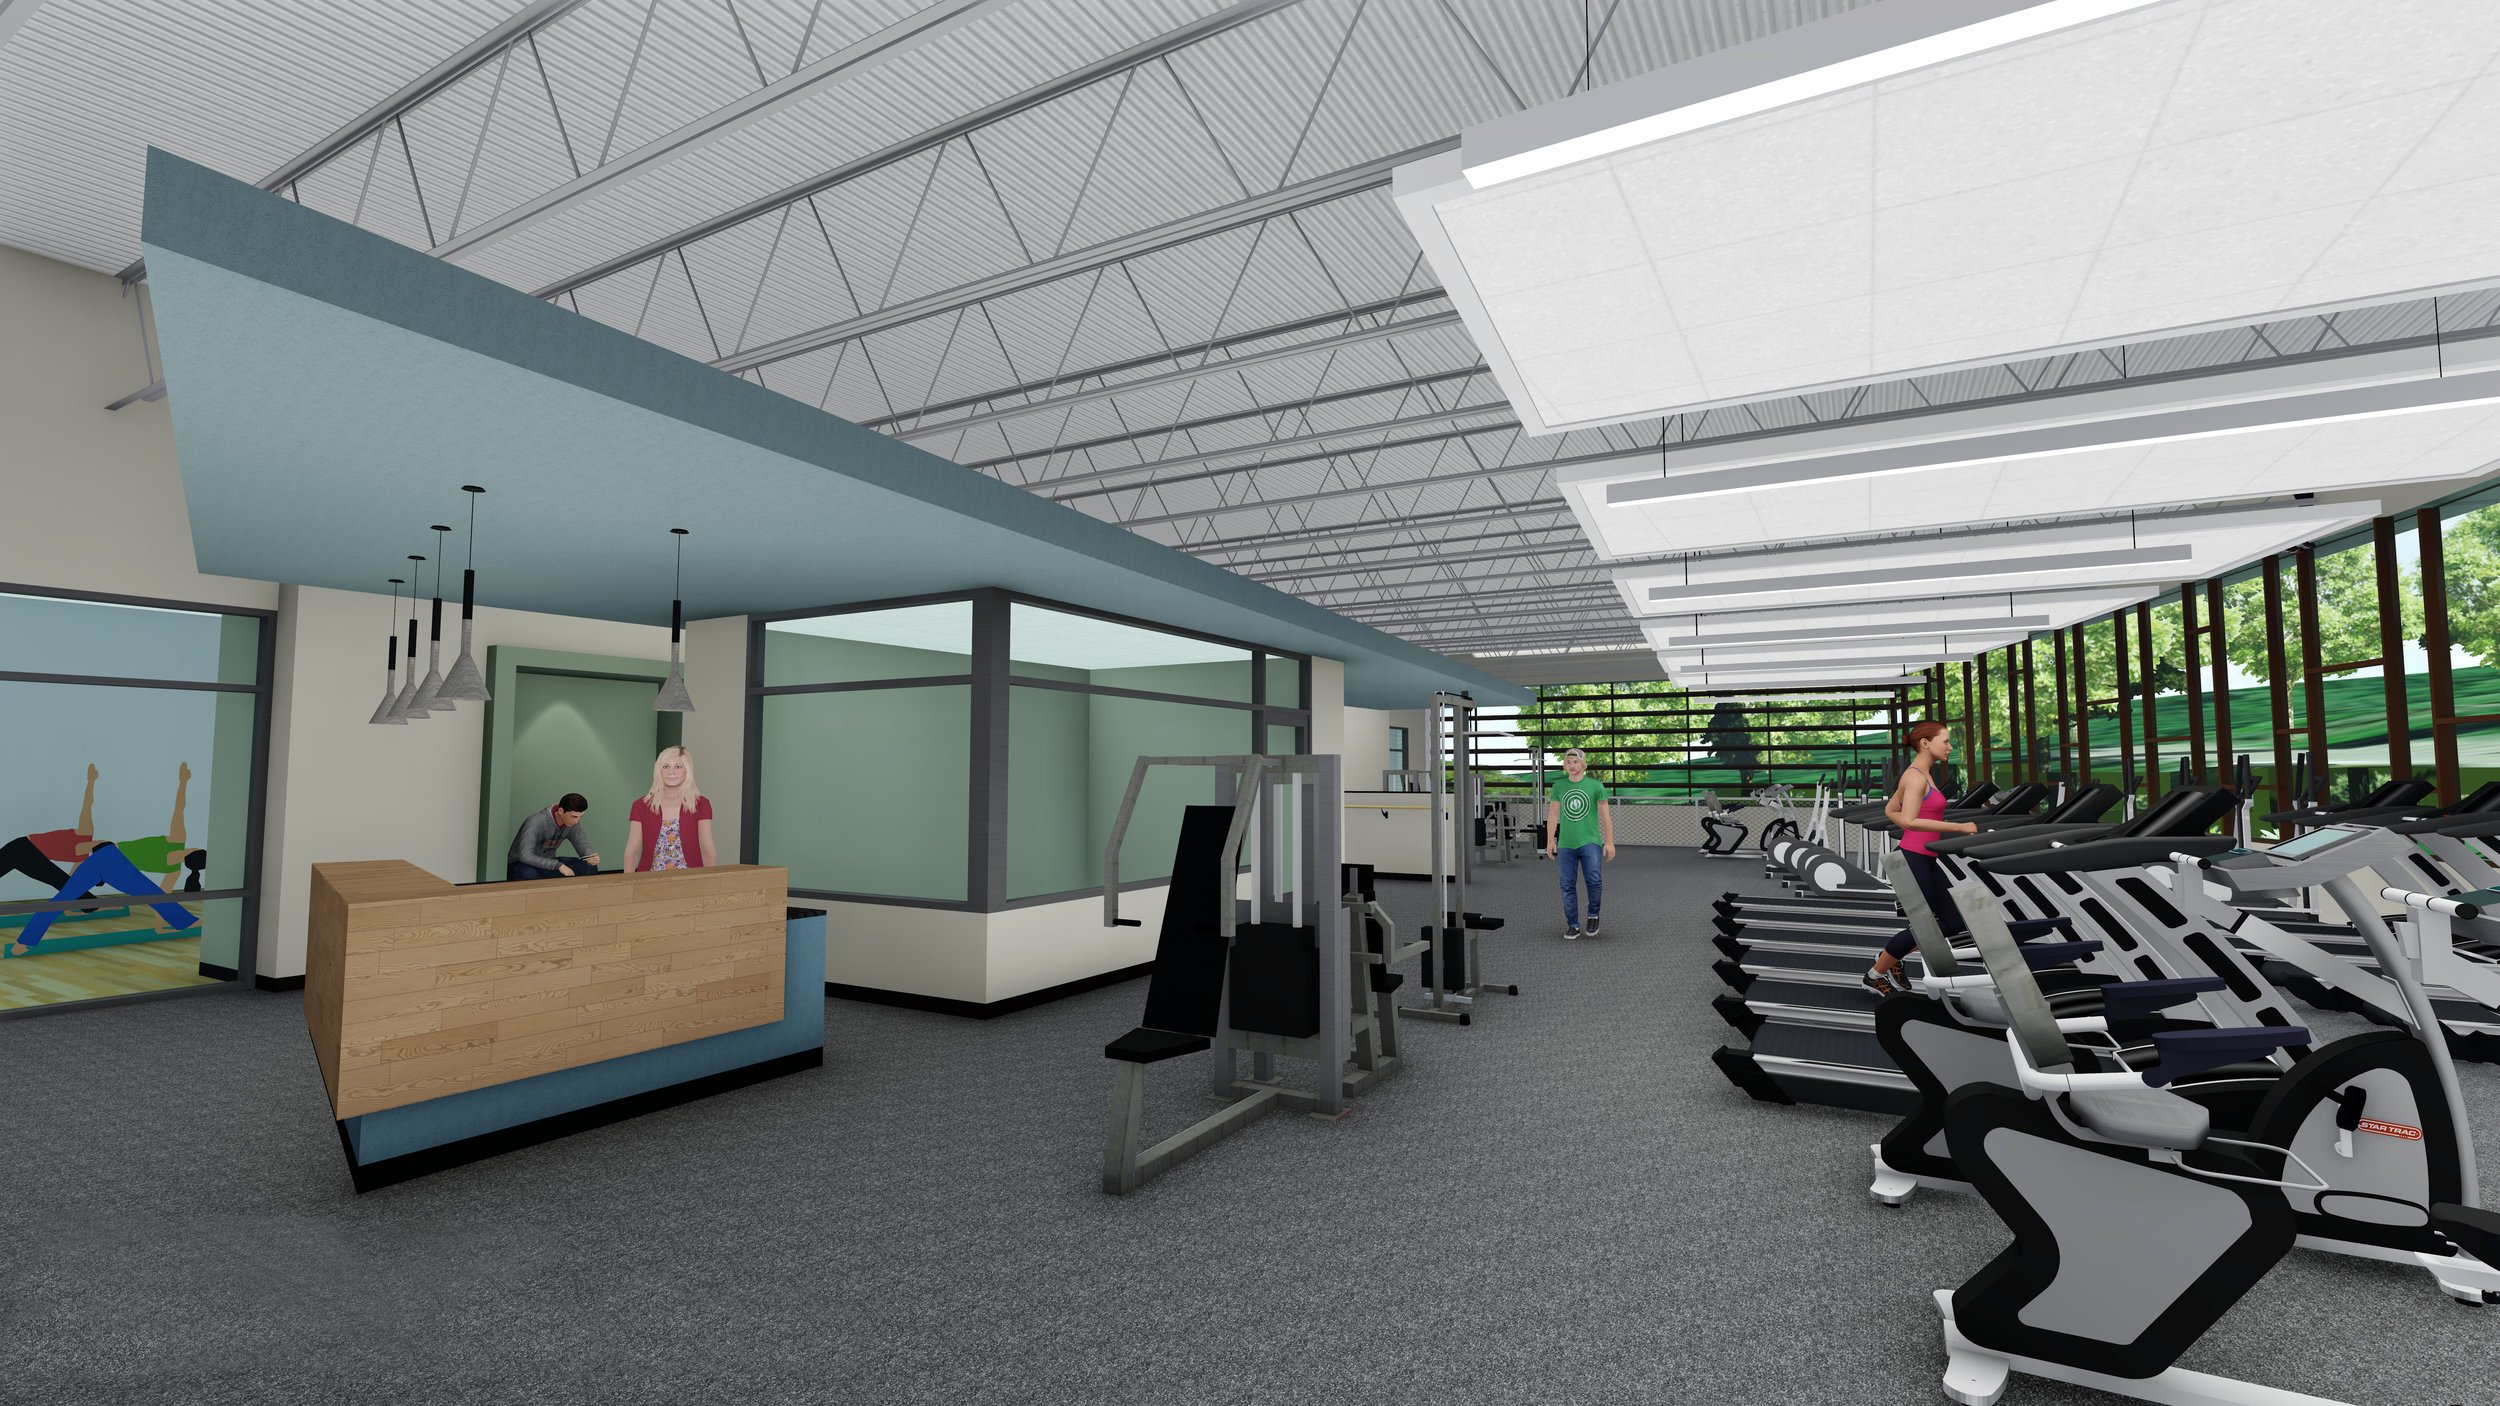 Fitness Center Interior 1.jpg